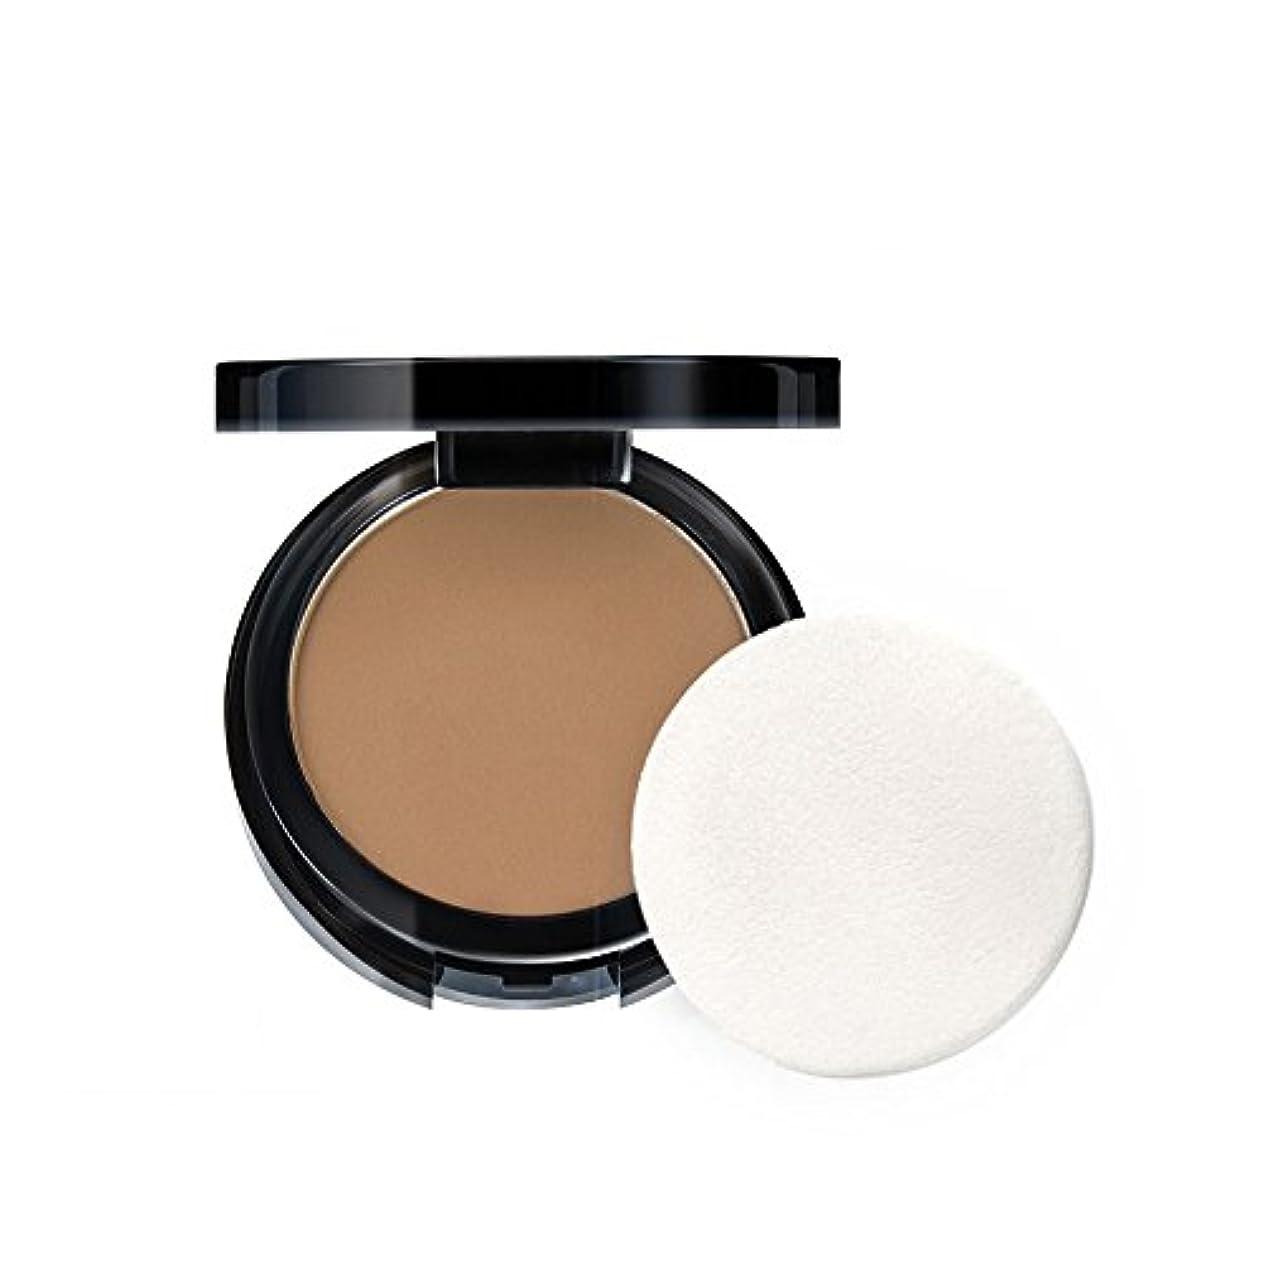 スローガン変な変な(3 Pack) ABSOLUTE HD Flawless Powder Foundation - Honey Beige (並行輸入品)